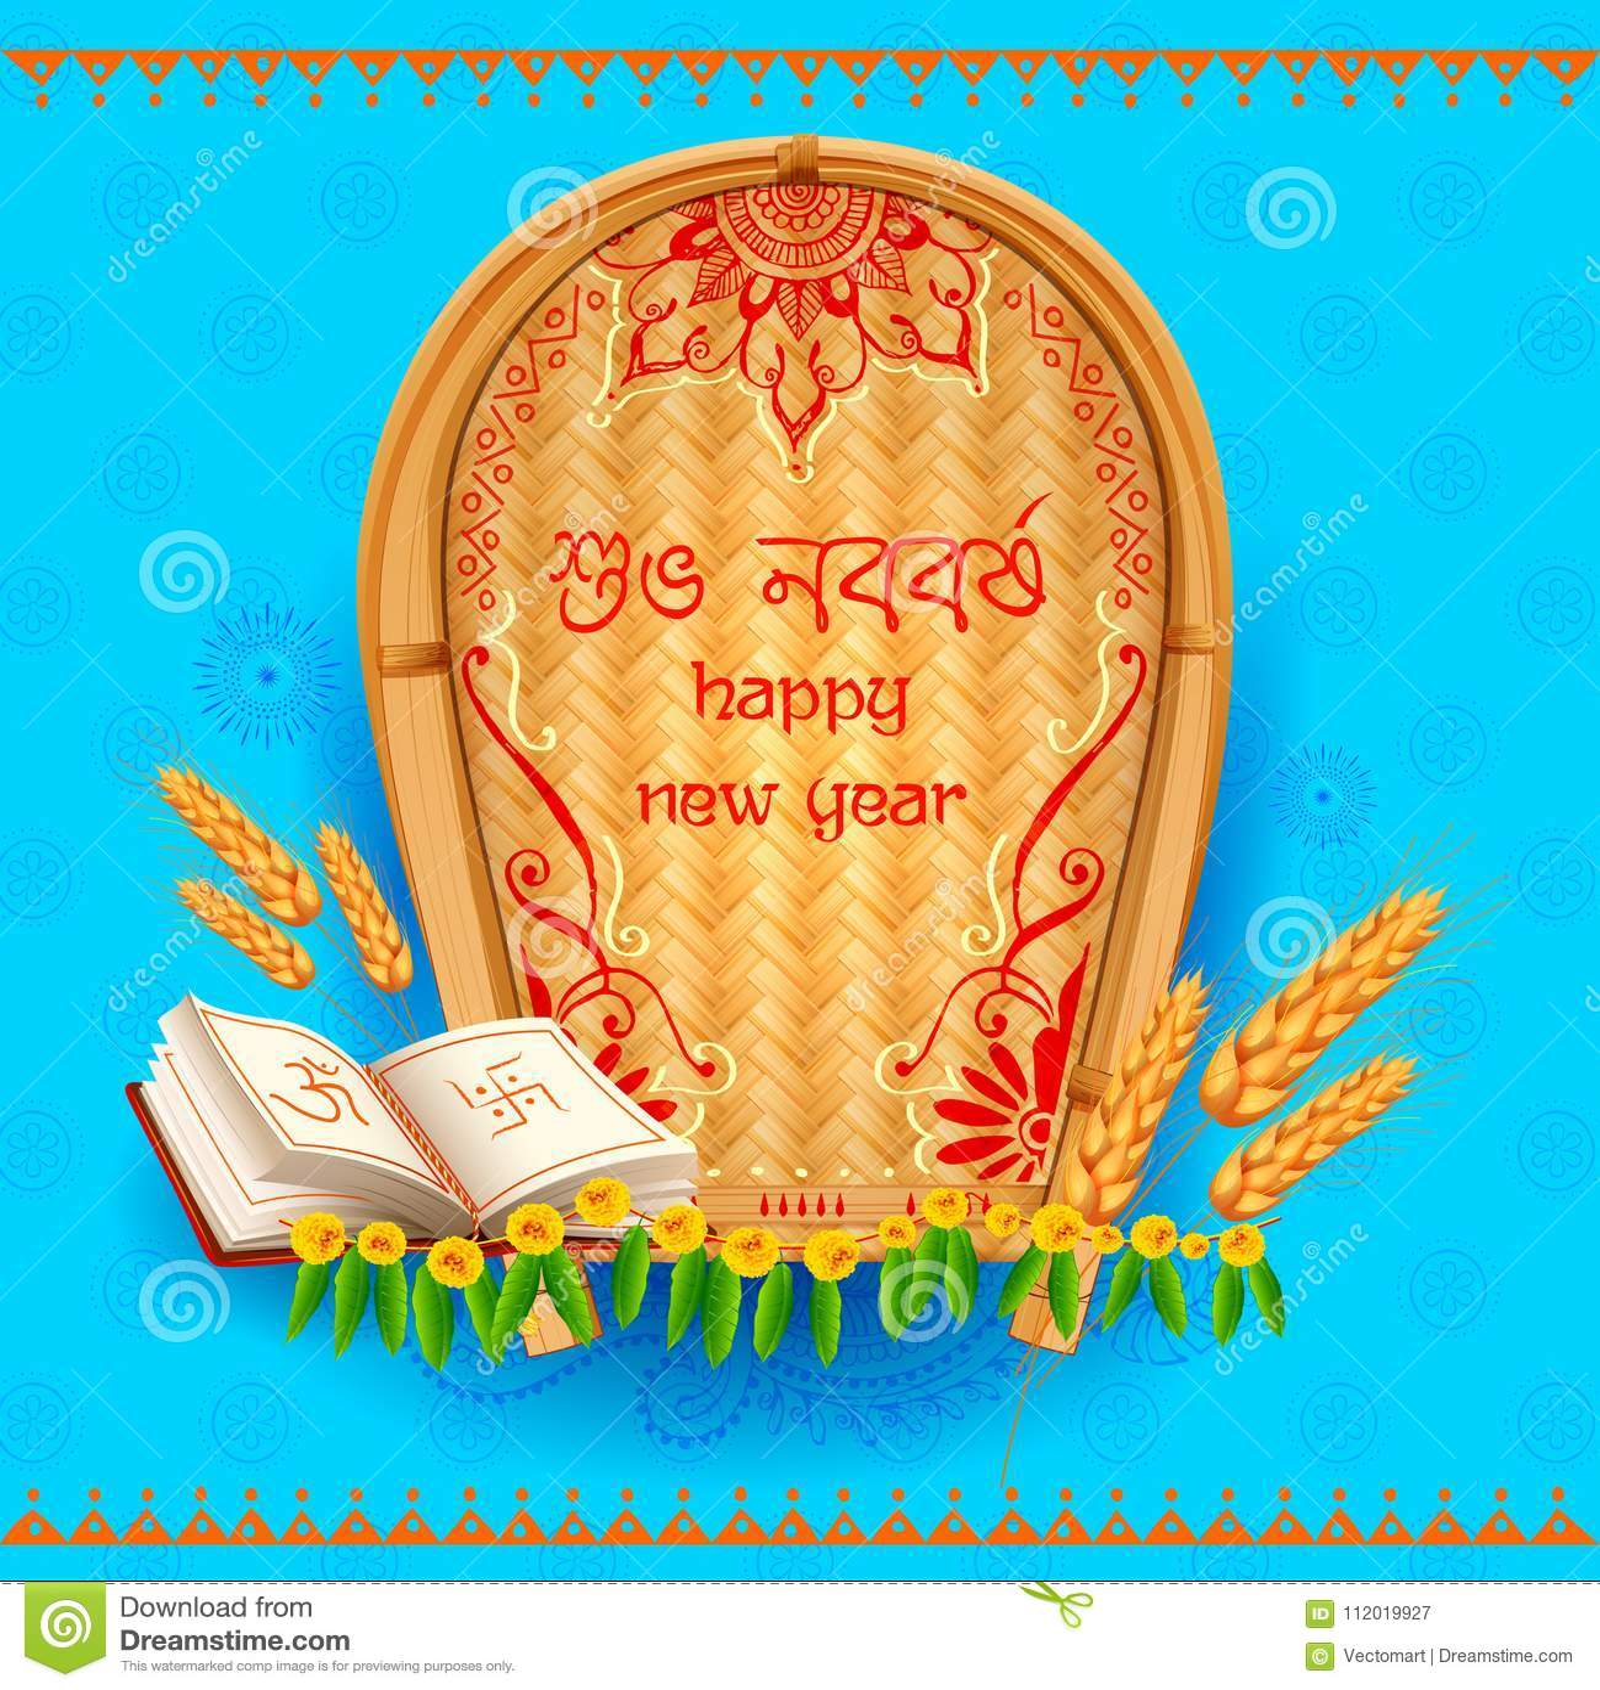 Greeting Background With Bengali Text Subho Nababarsha Antarik